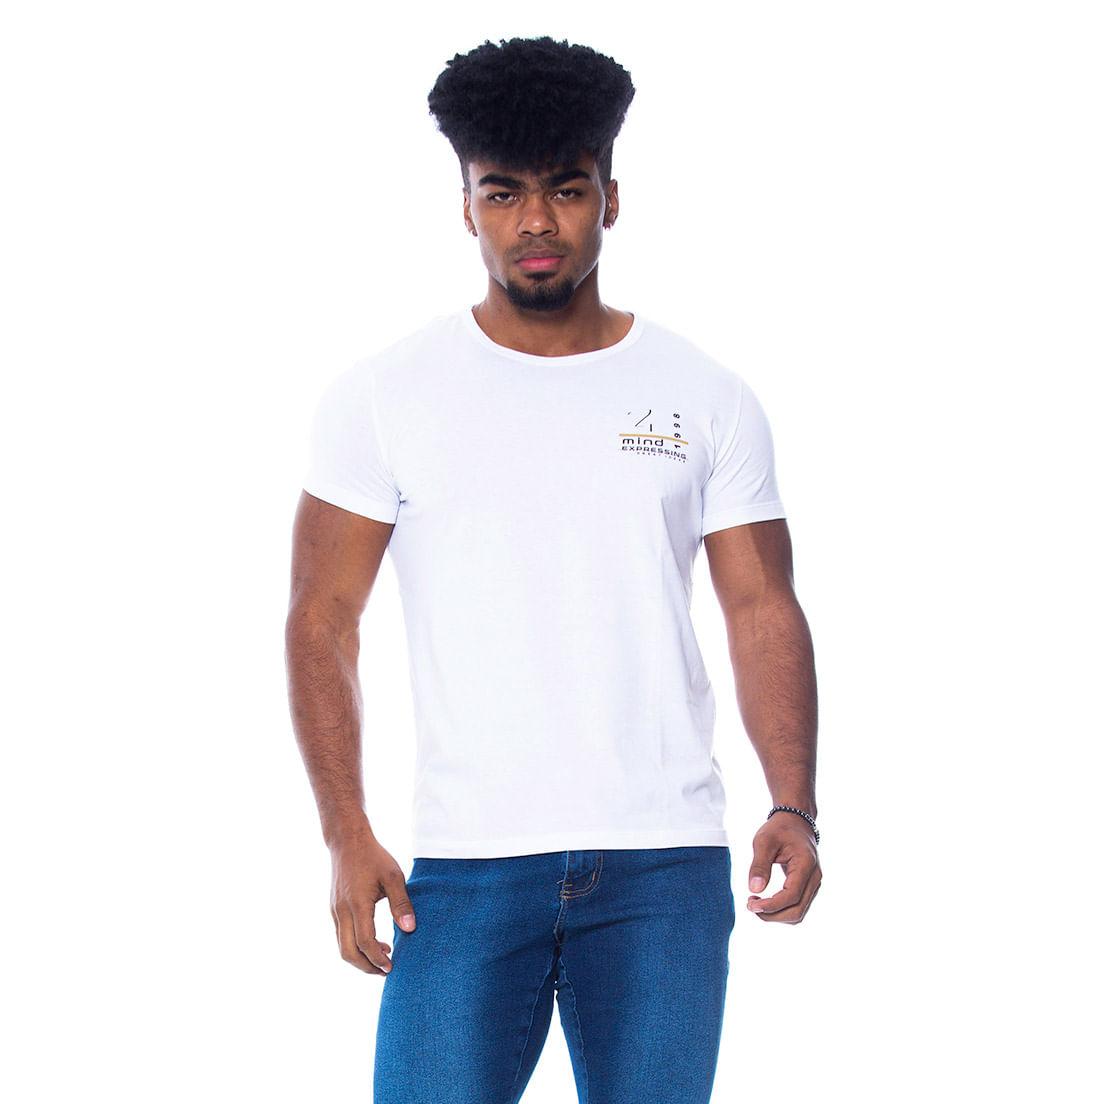 Camiseta Osmoze Mind 08 110112738 Branca